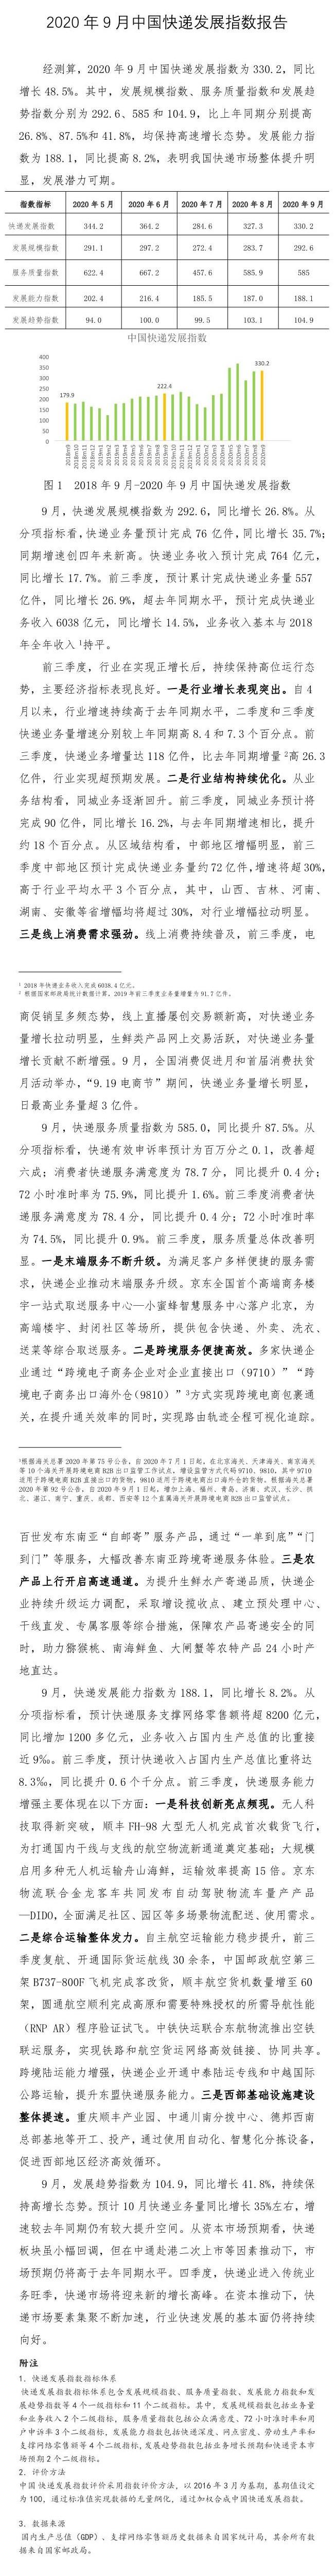 国家邮政局:9月中国快递发展指数为330.2 同比增长48.5%